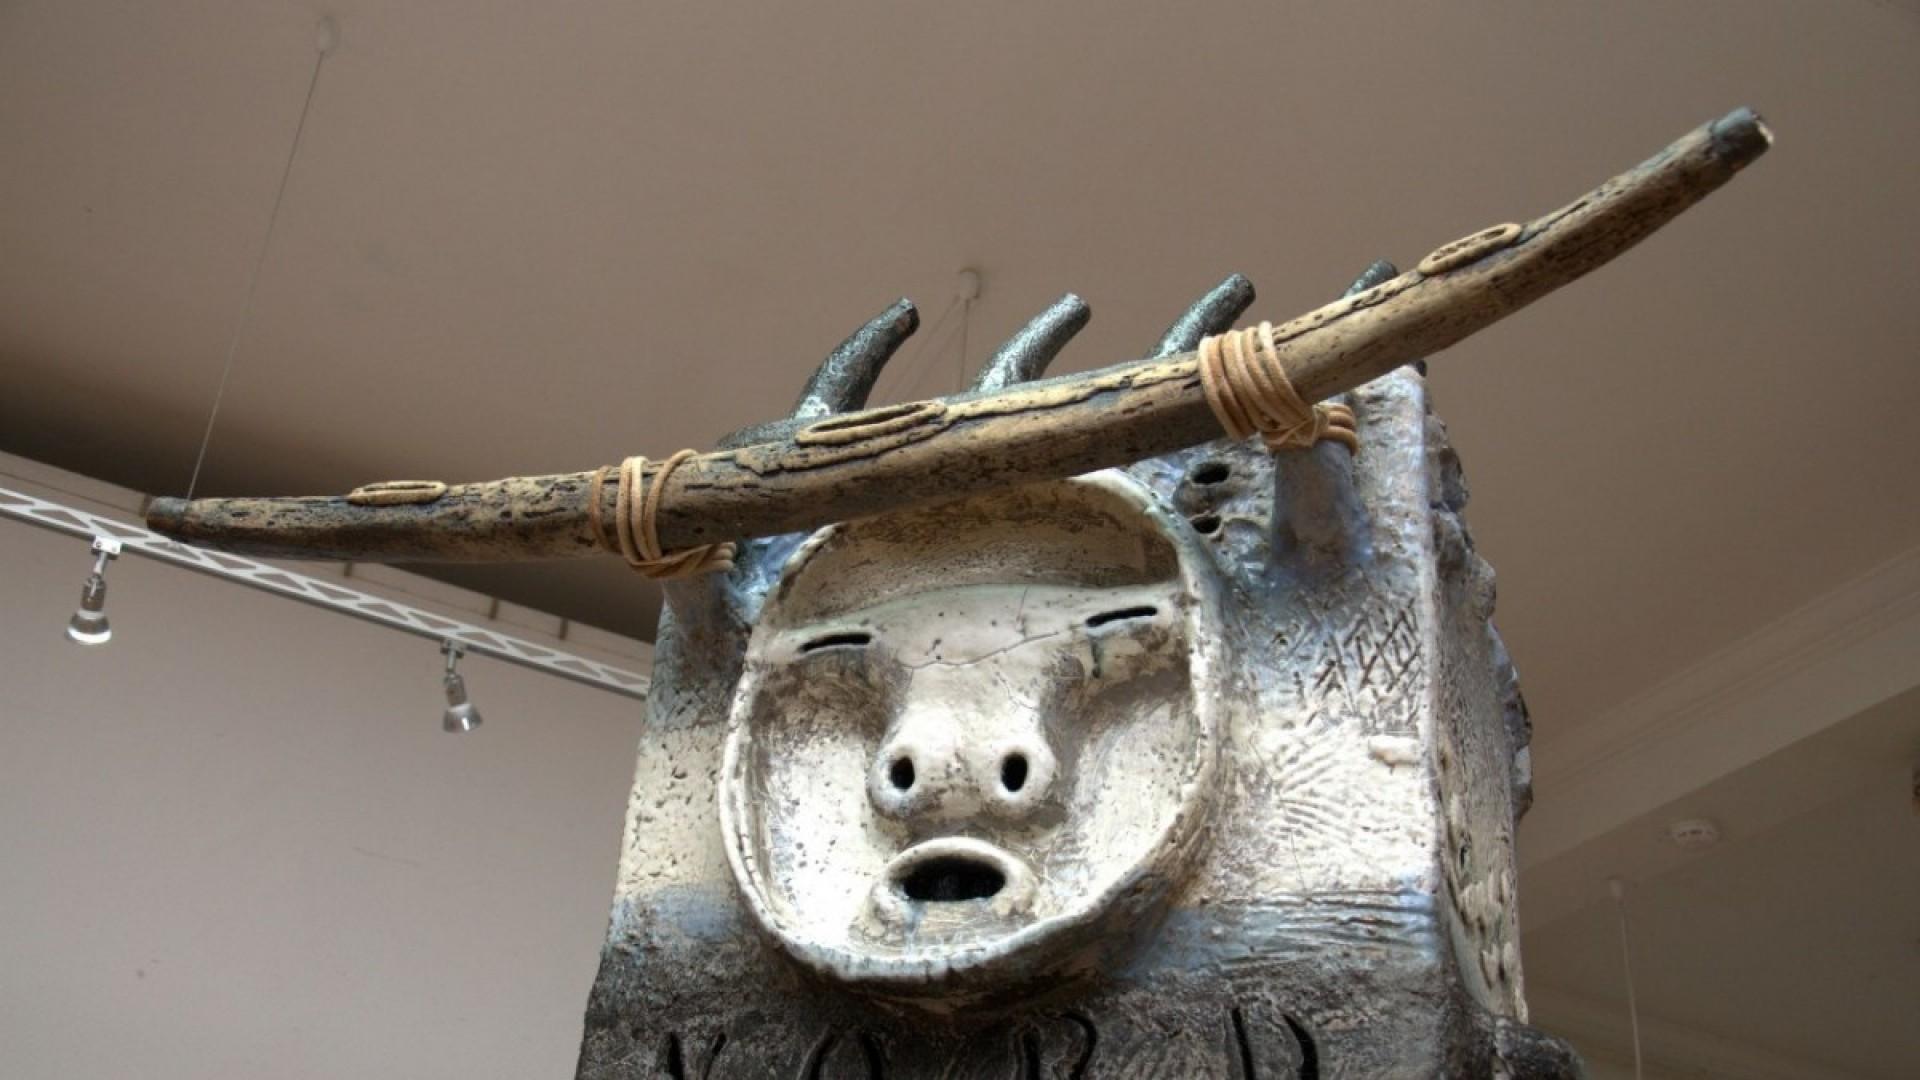 Сибирские керамисты показали свои любимые работы